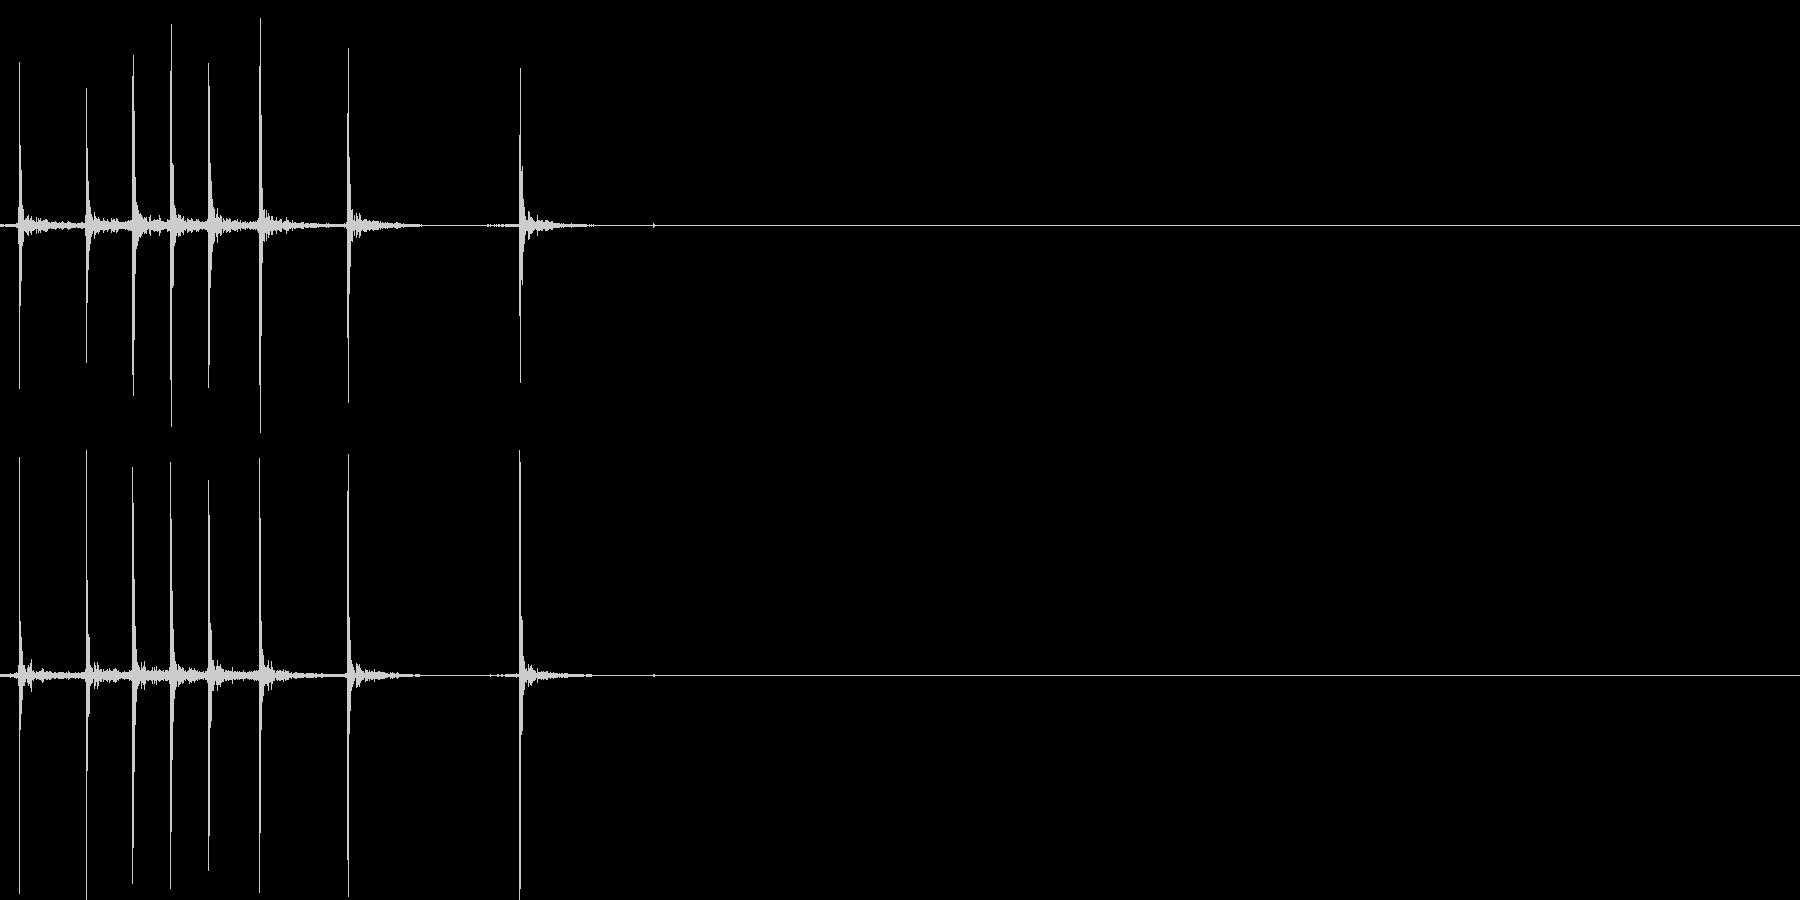 カッターの刃を出し入れする音(はやめ)の未再生の波形